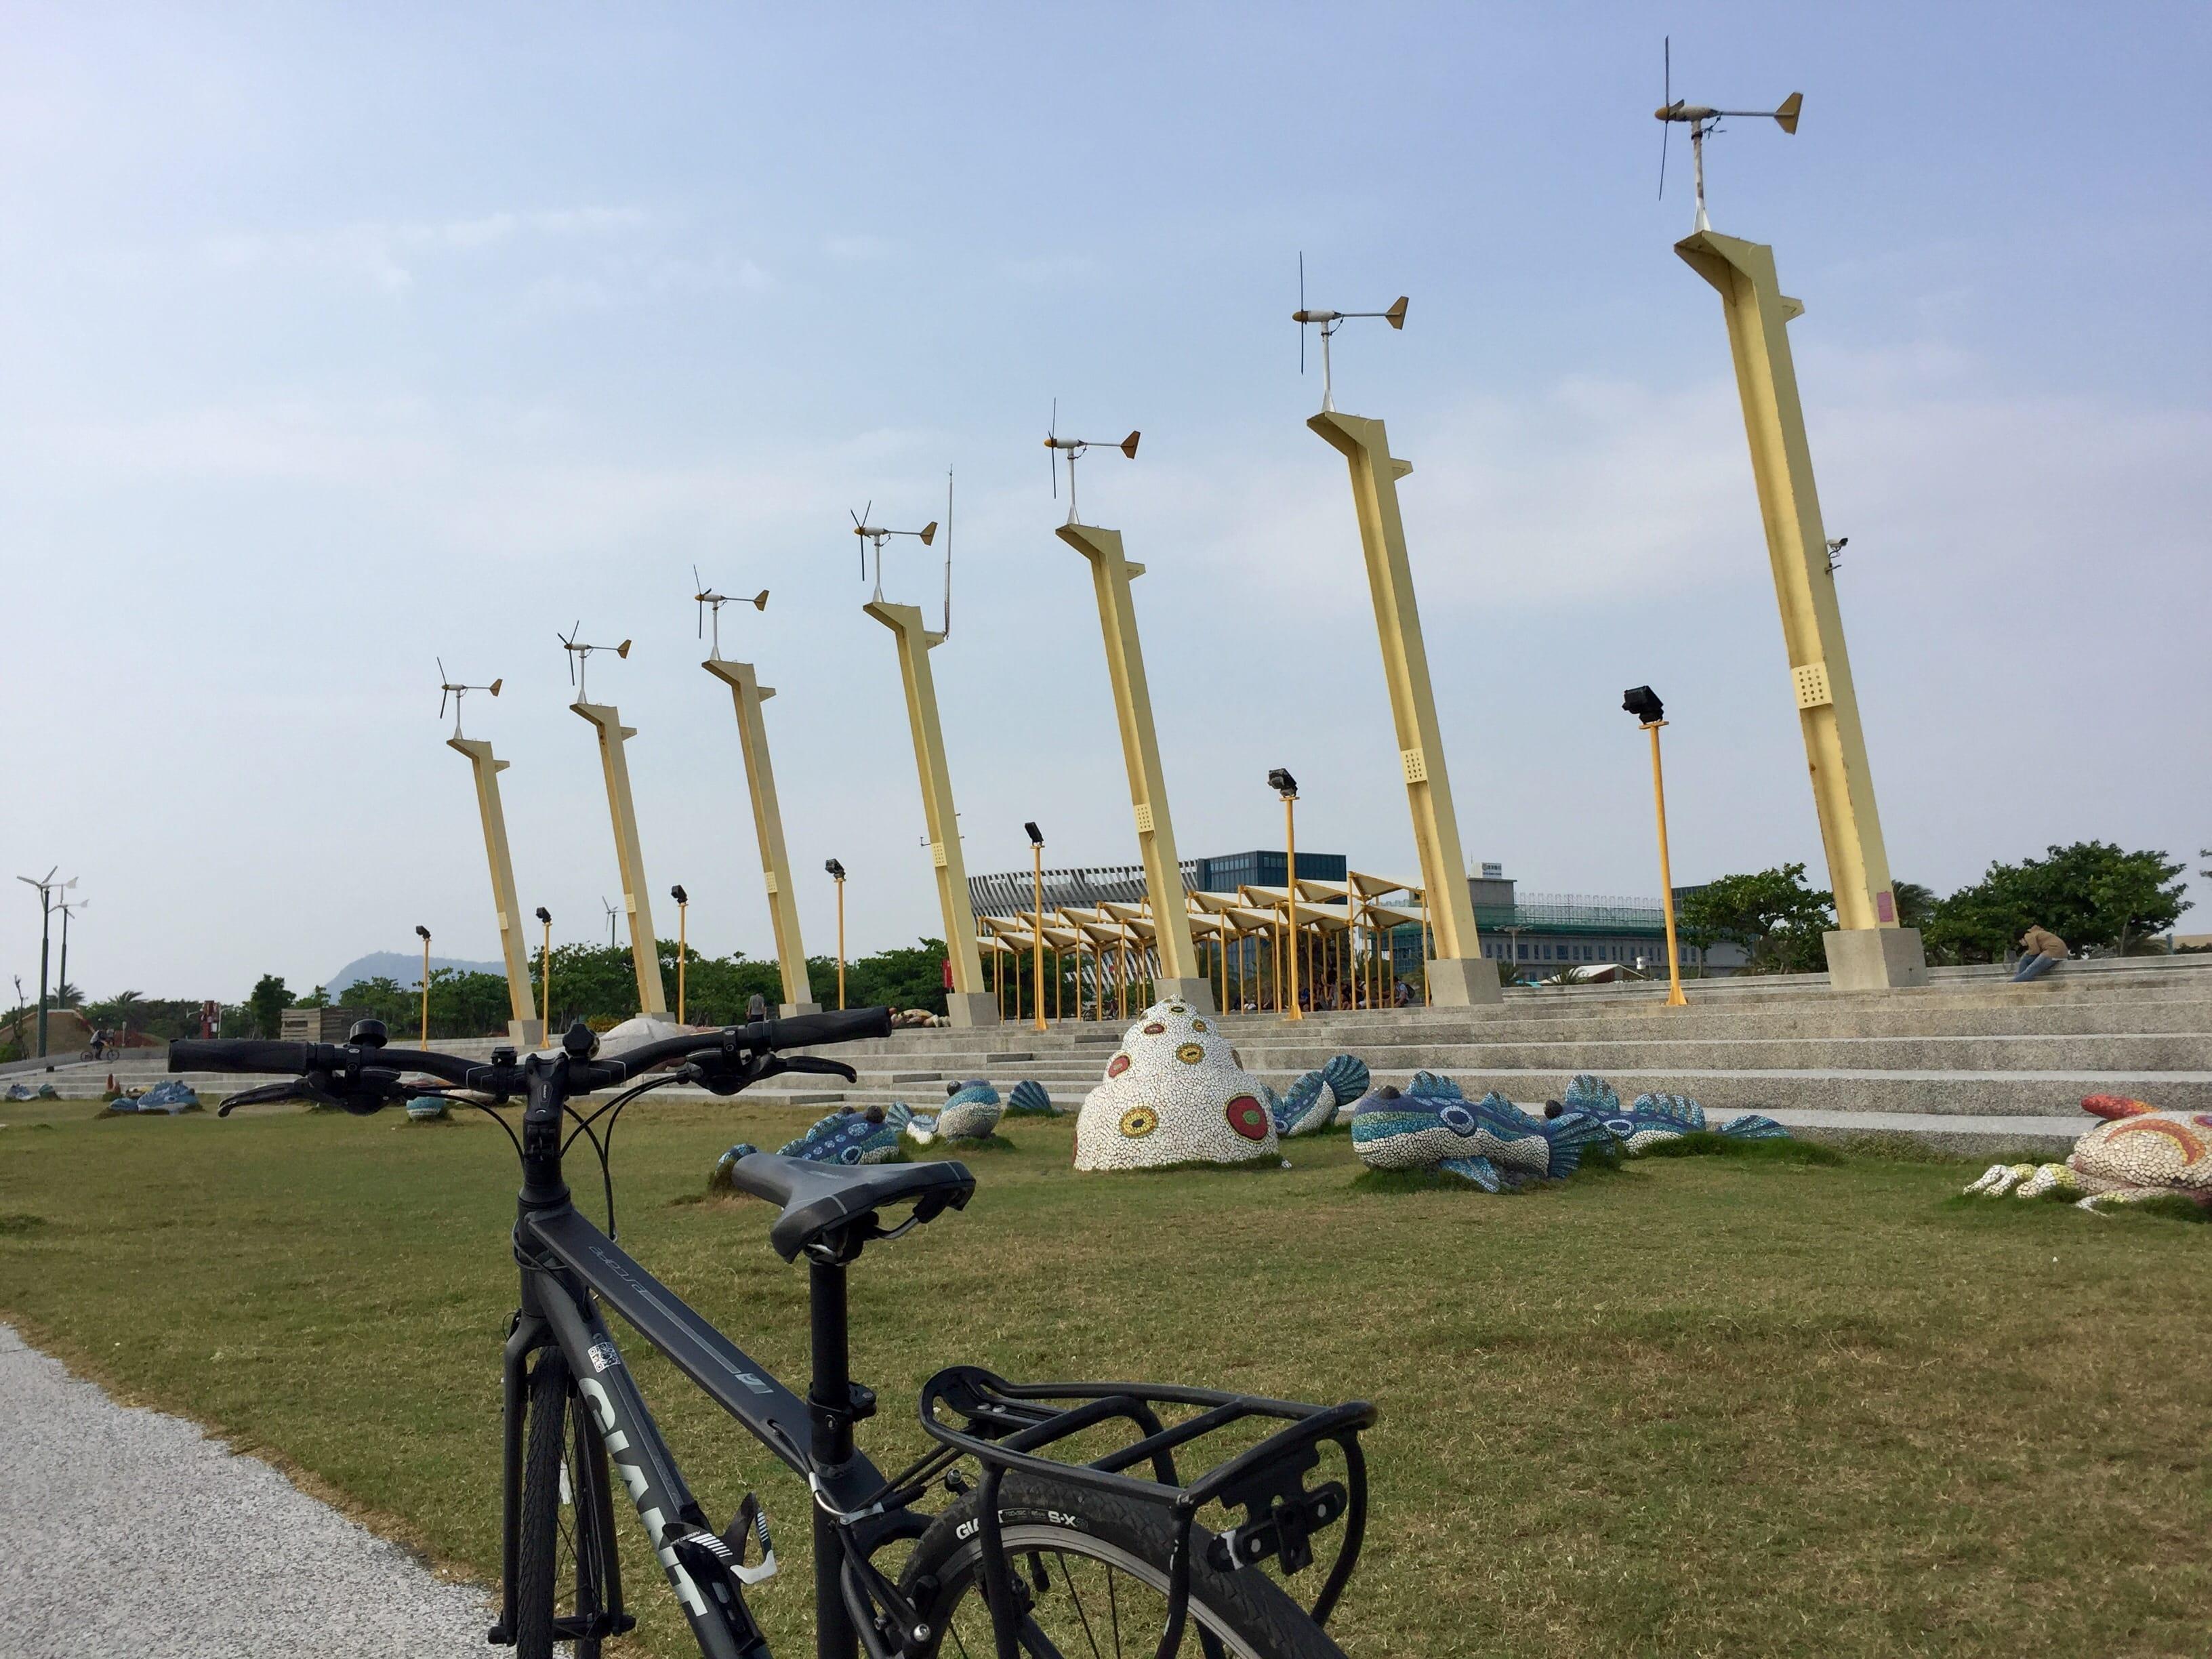 The Cijin Windmill Park